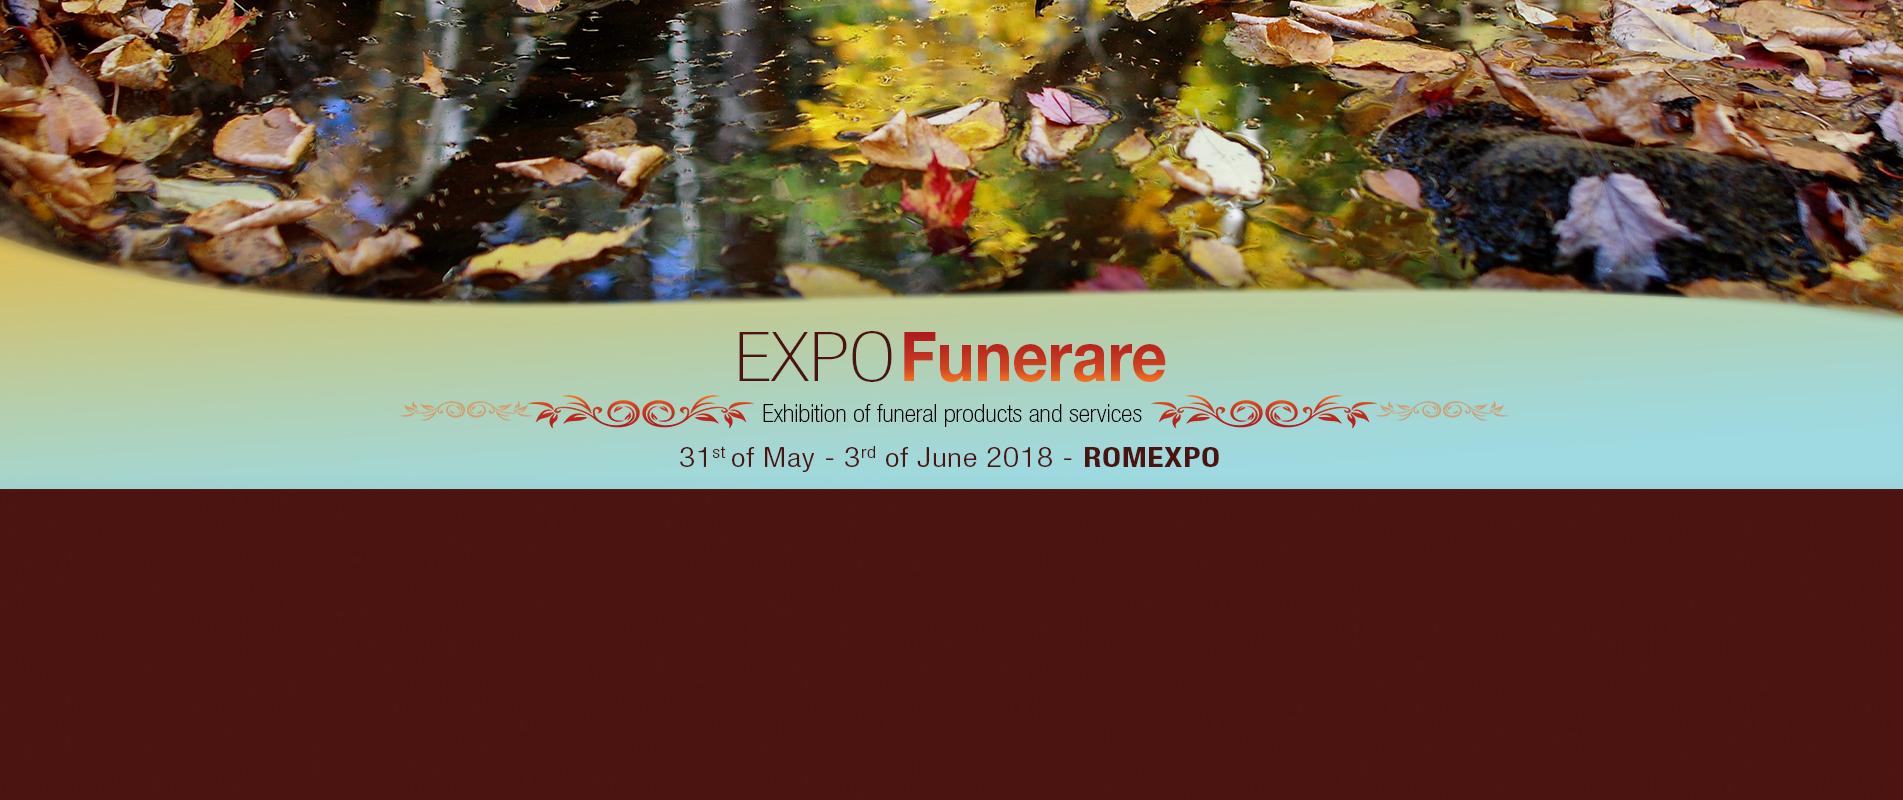 Expo funerare 2018